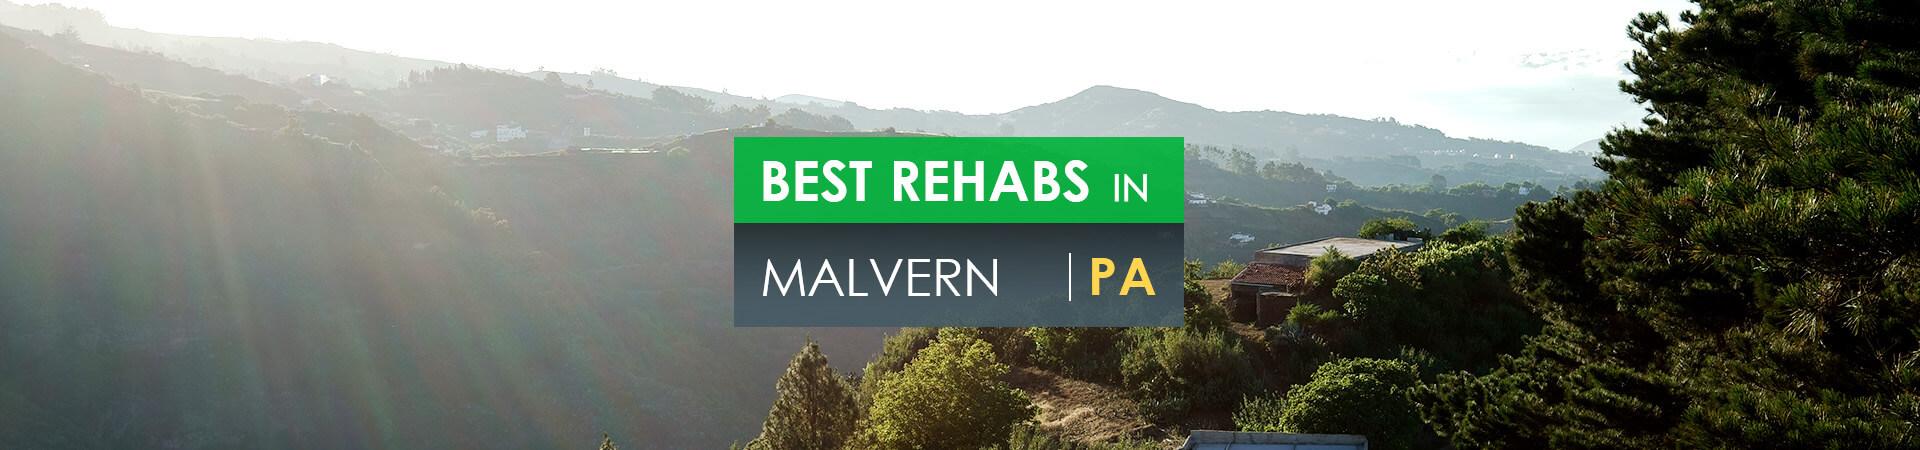 Best rehabs in Malvern, PA